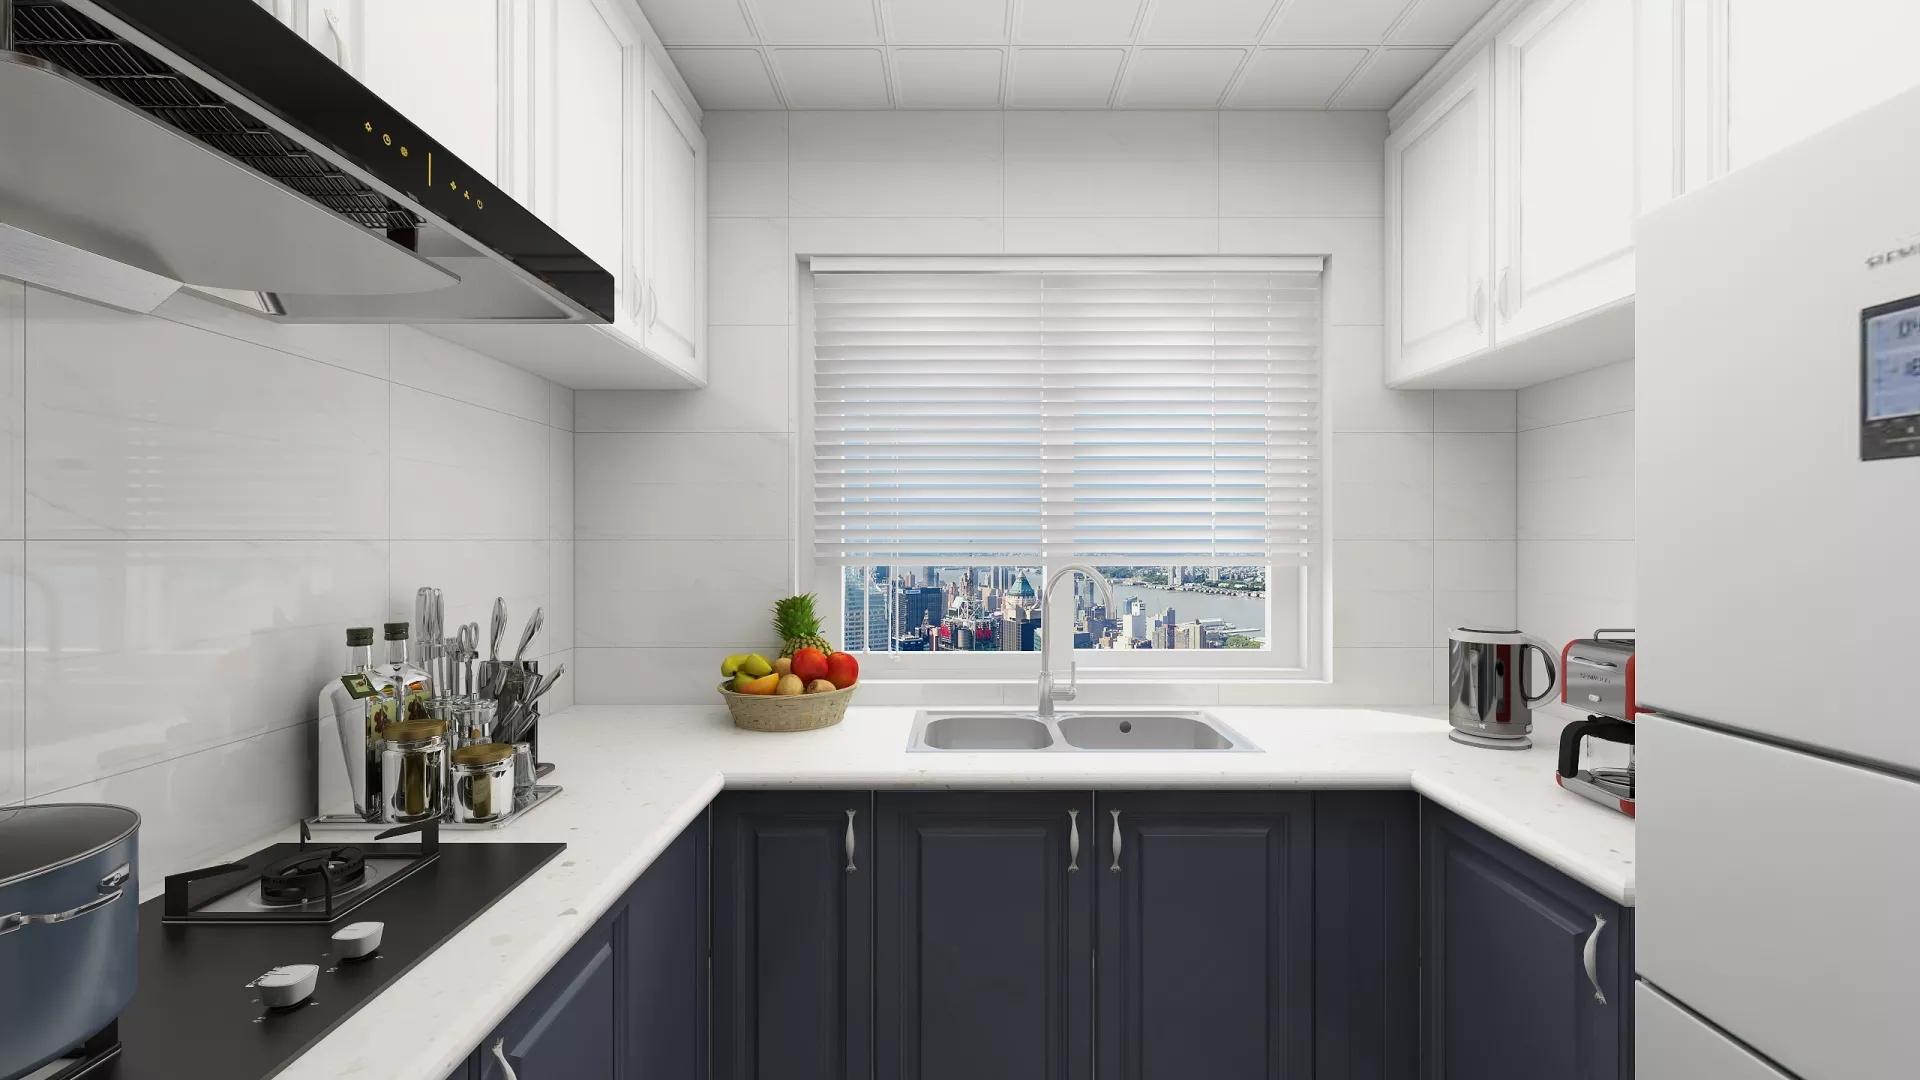 厨房纱窗如何清洁?厨房纱窗清洁怎么做?